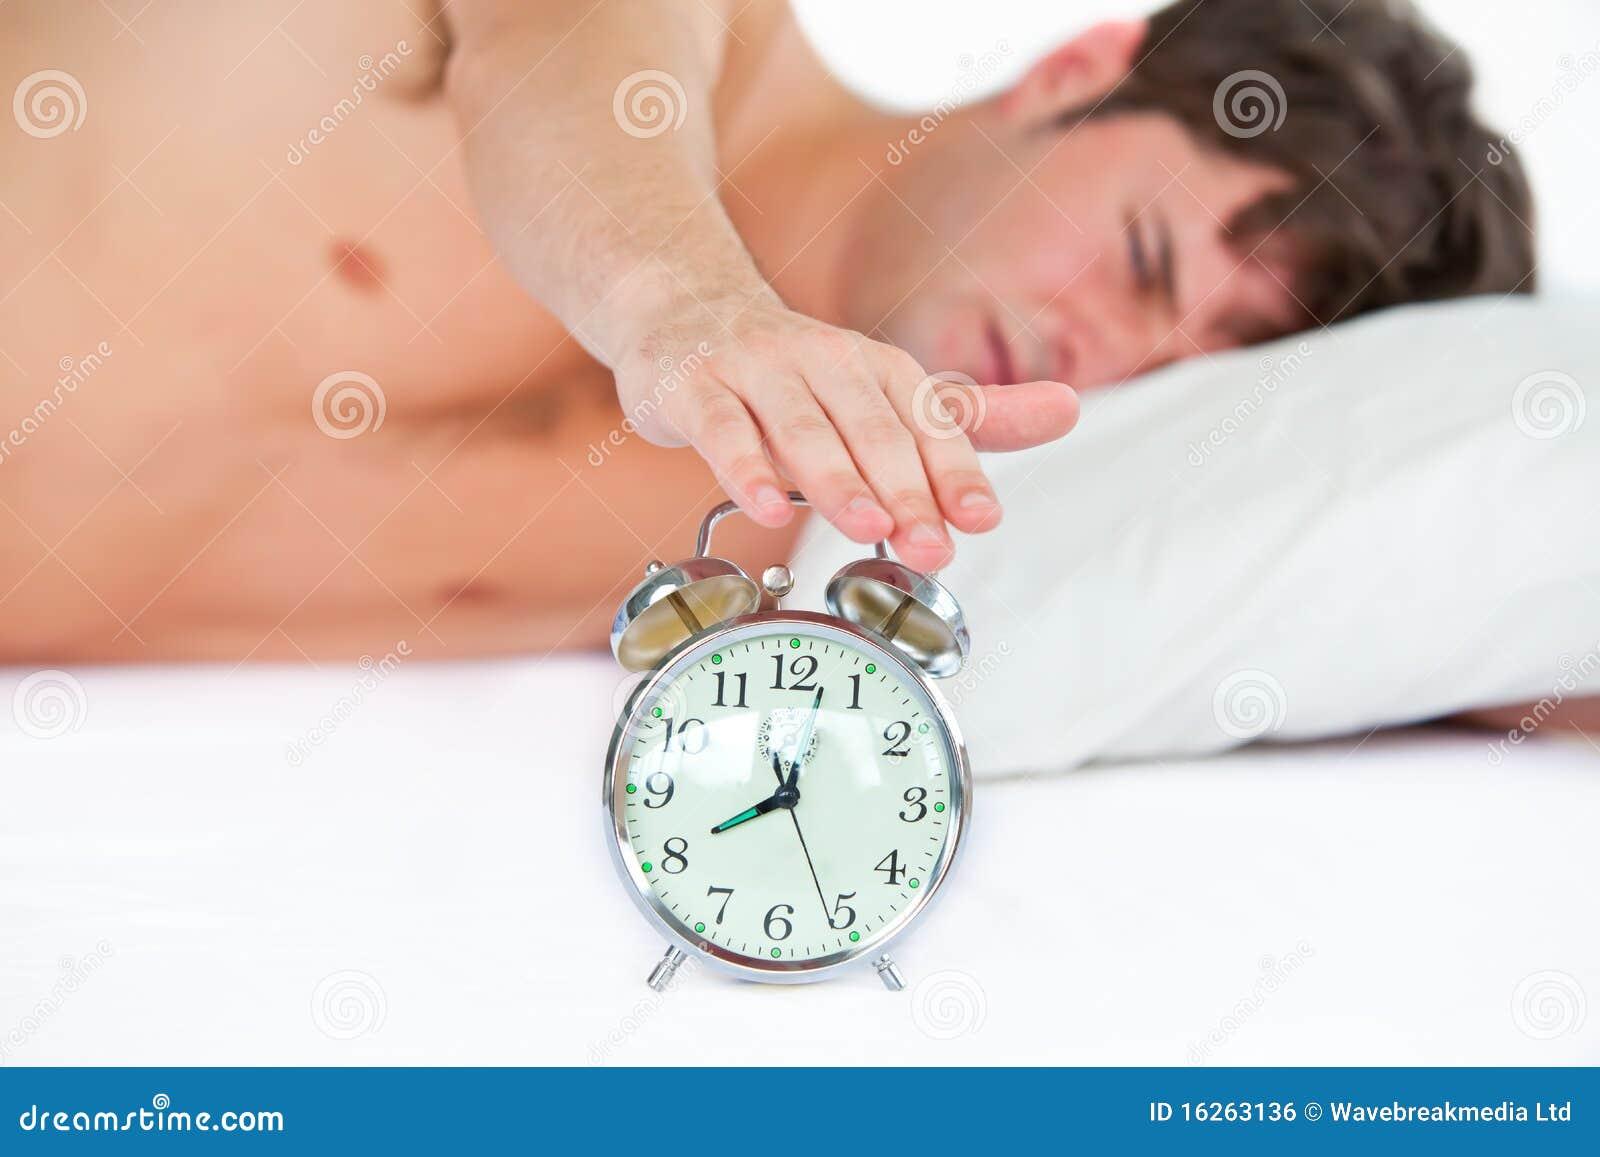 Alarm Clock Ringing In My Head